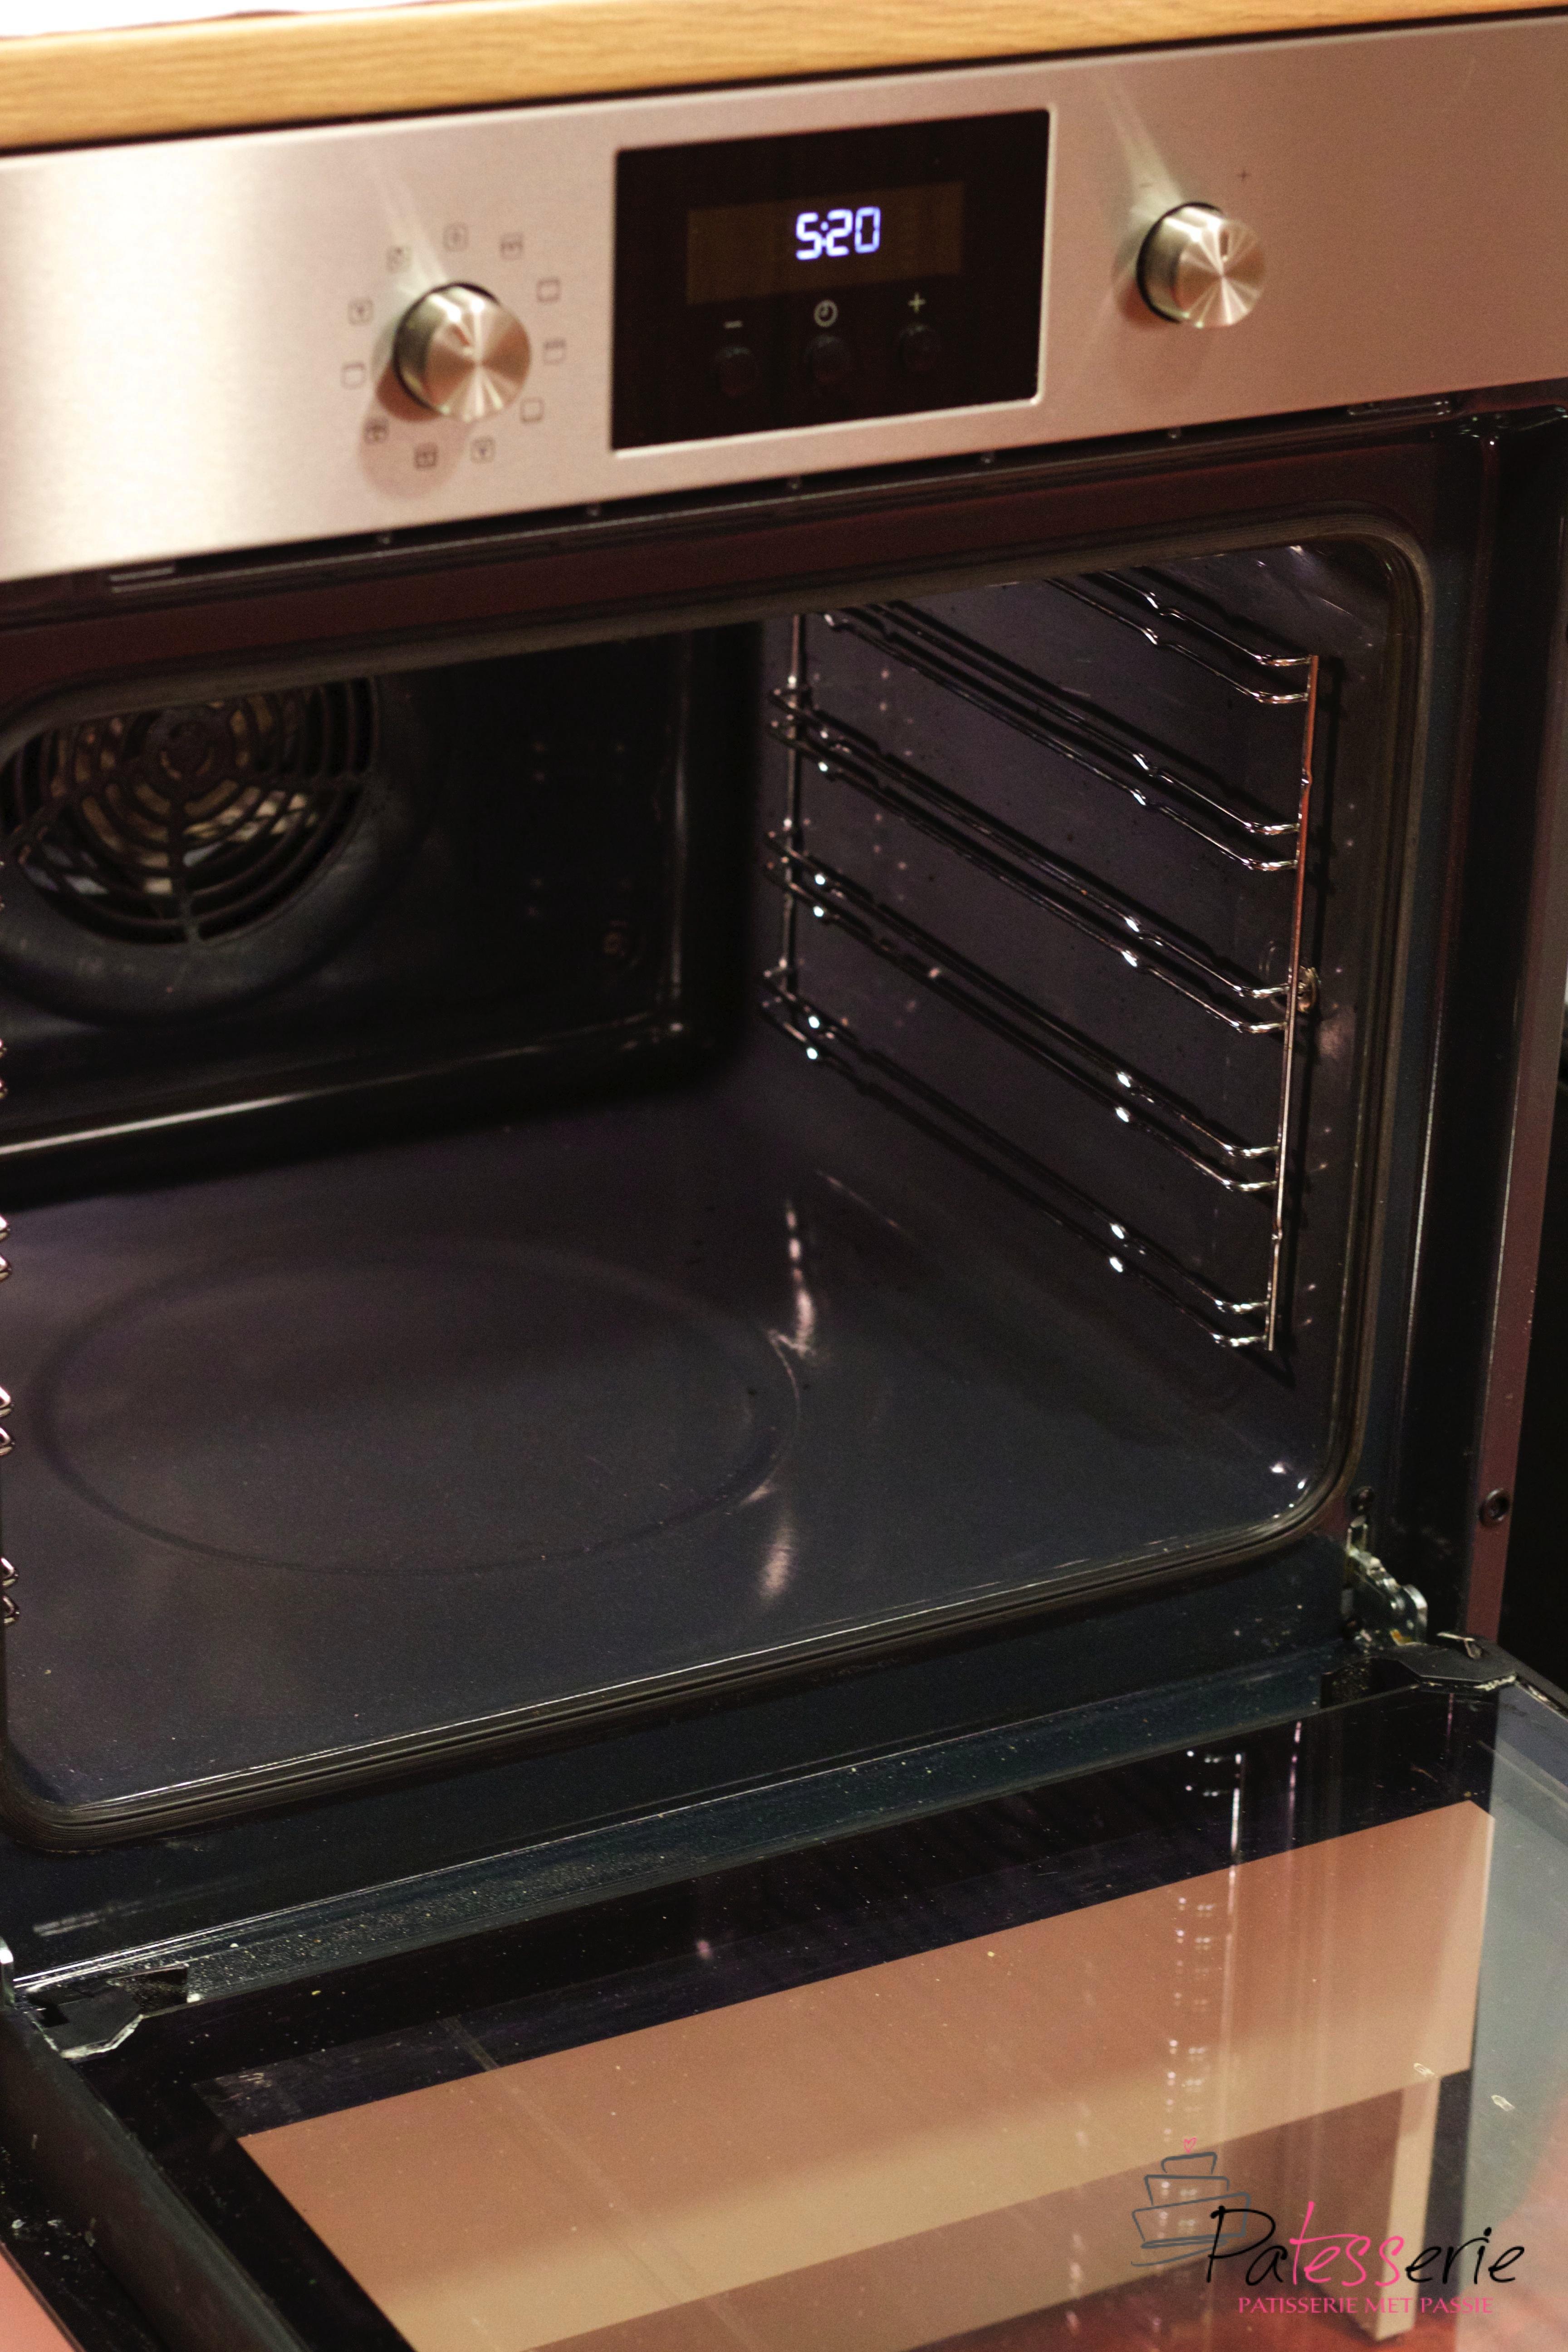 baktips} hoe maak ik de oven schoon? - patesserie